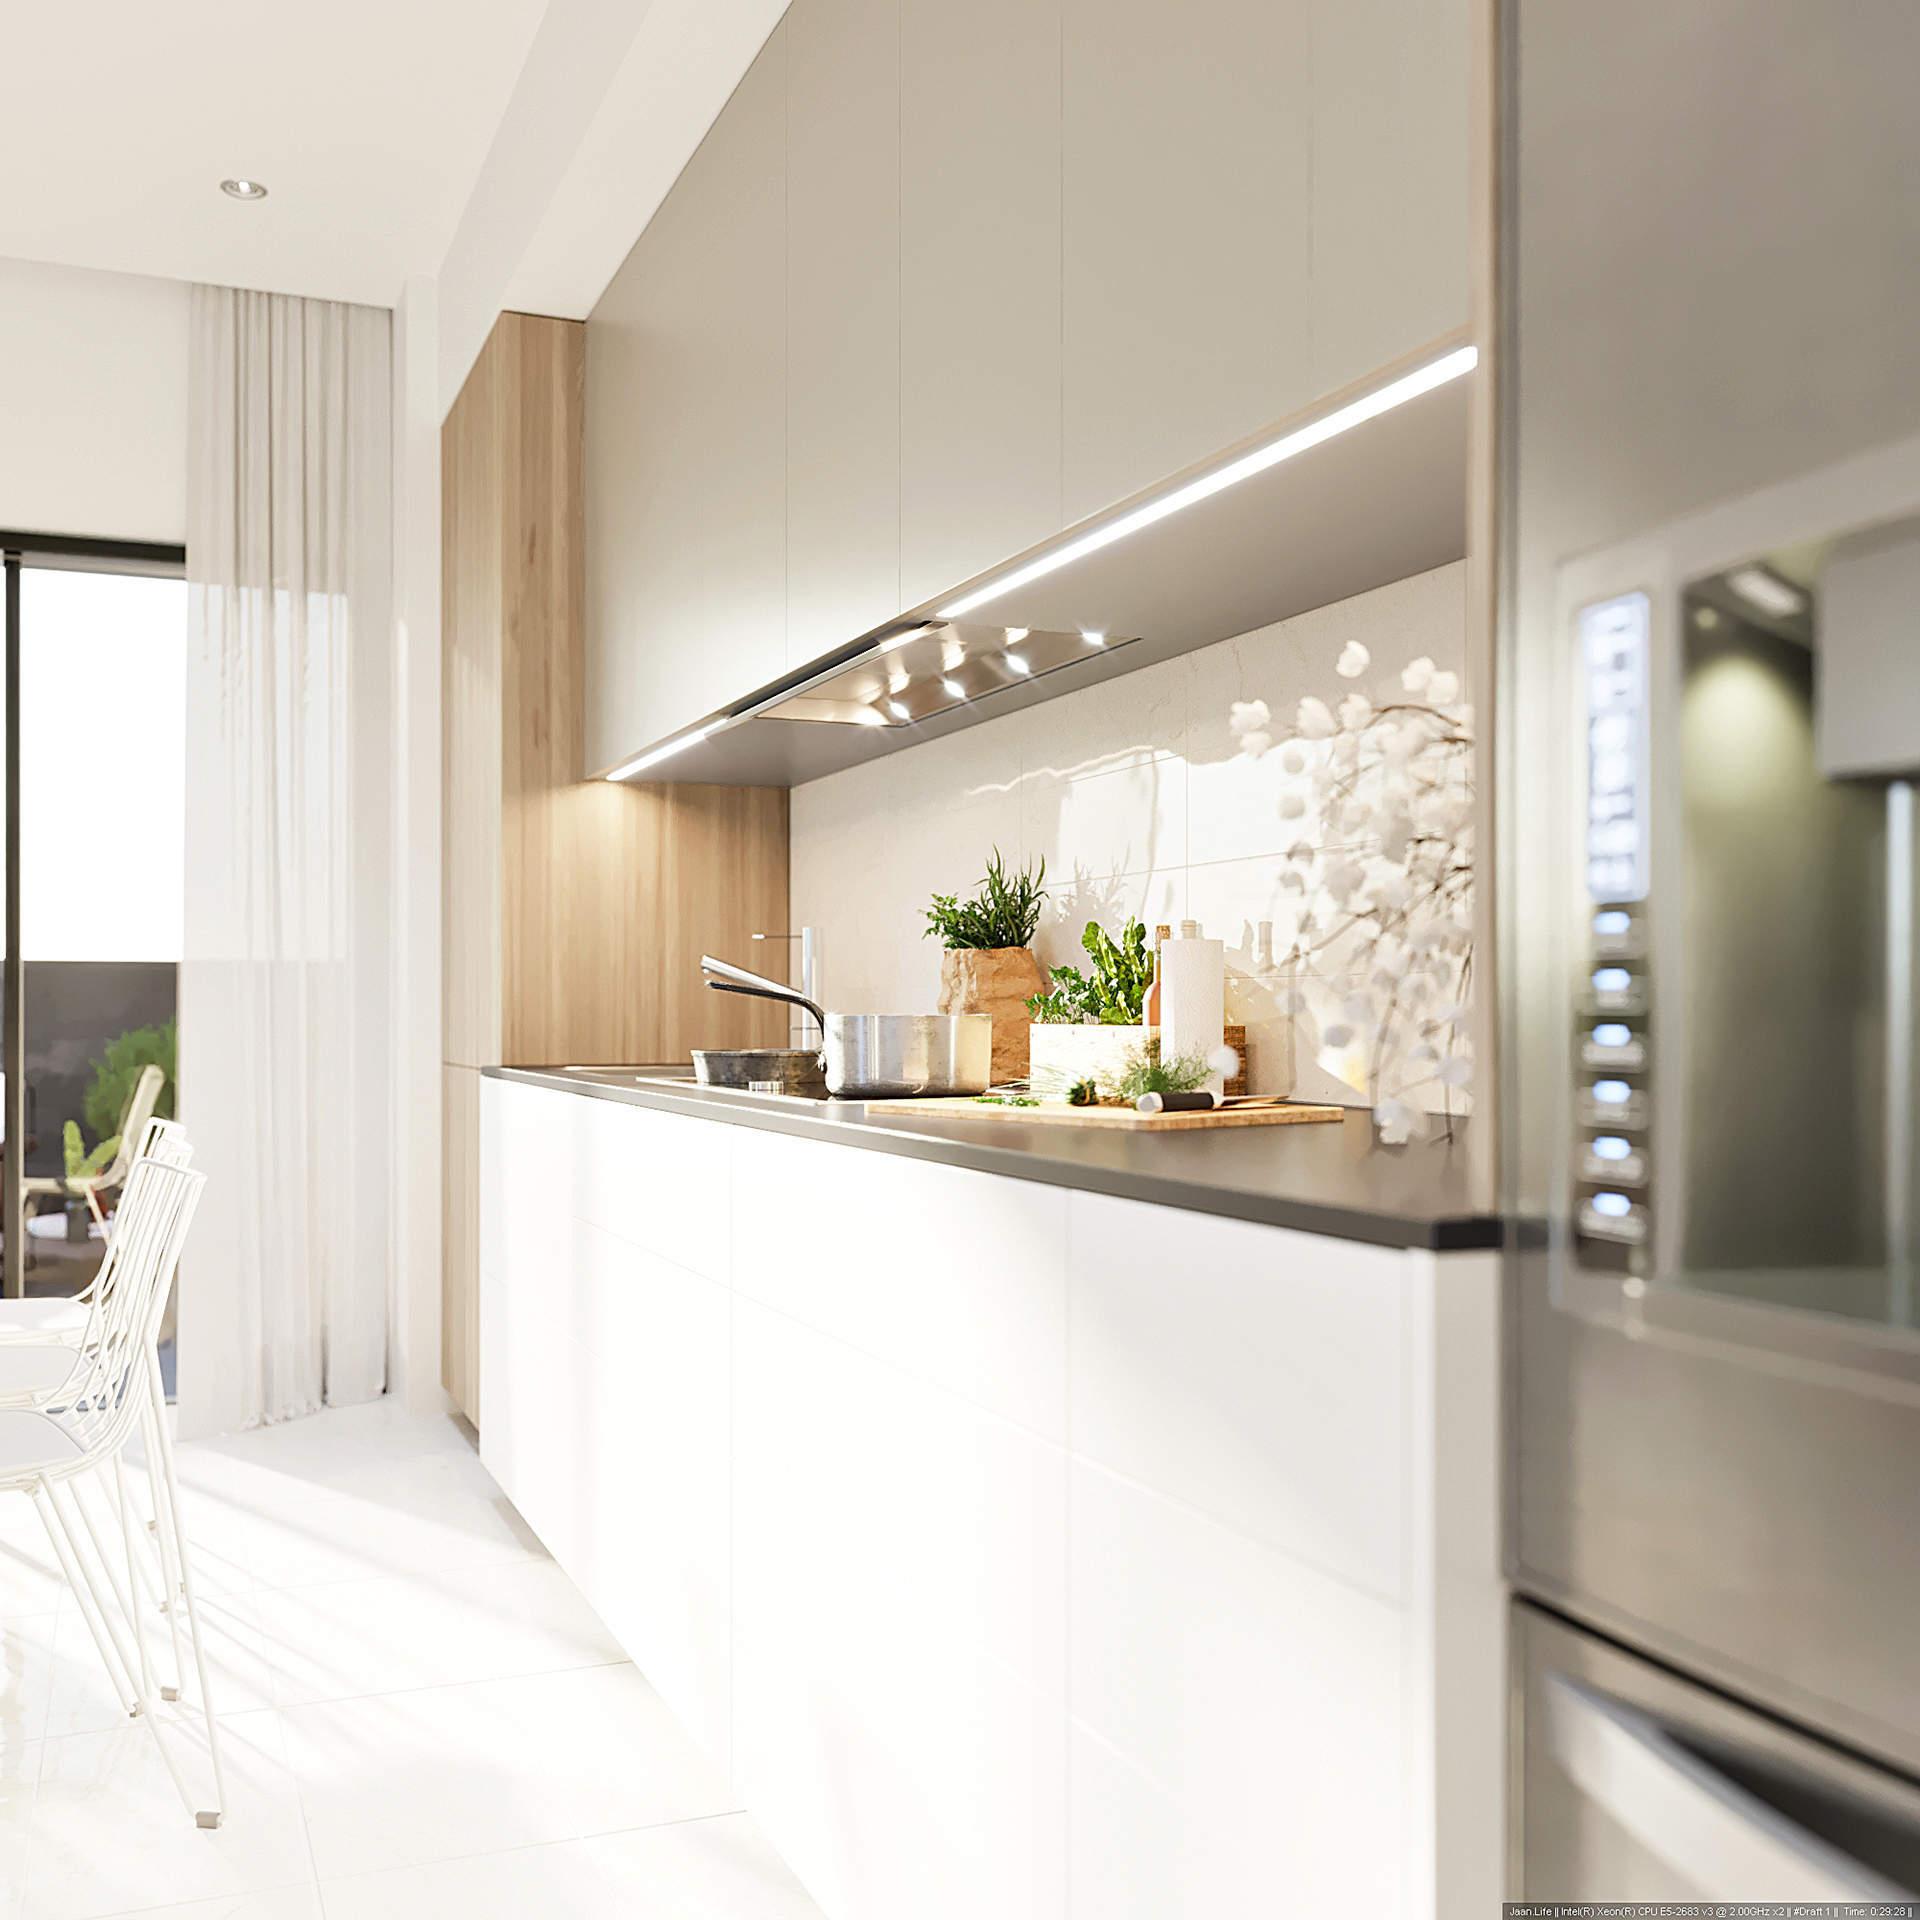 Une cuisine ouverte sur la salle à manger, le salon et le balcon : une innovation singulière